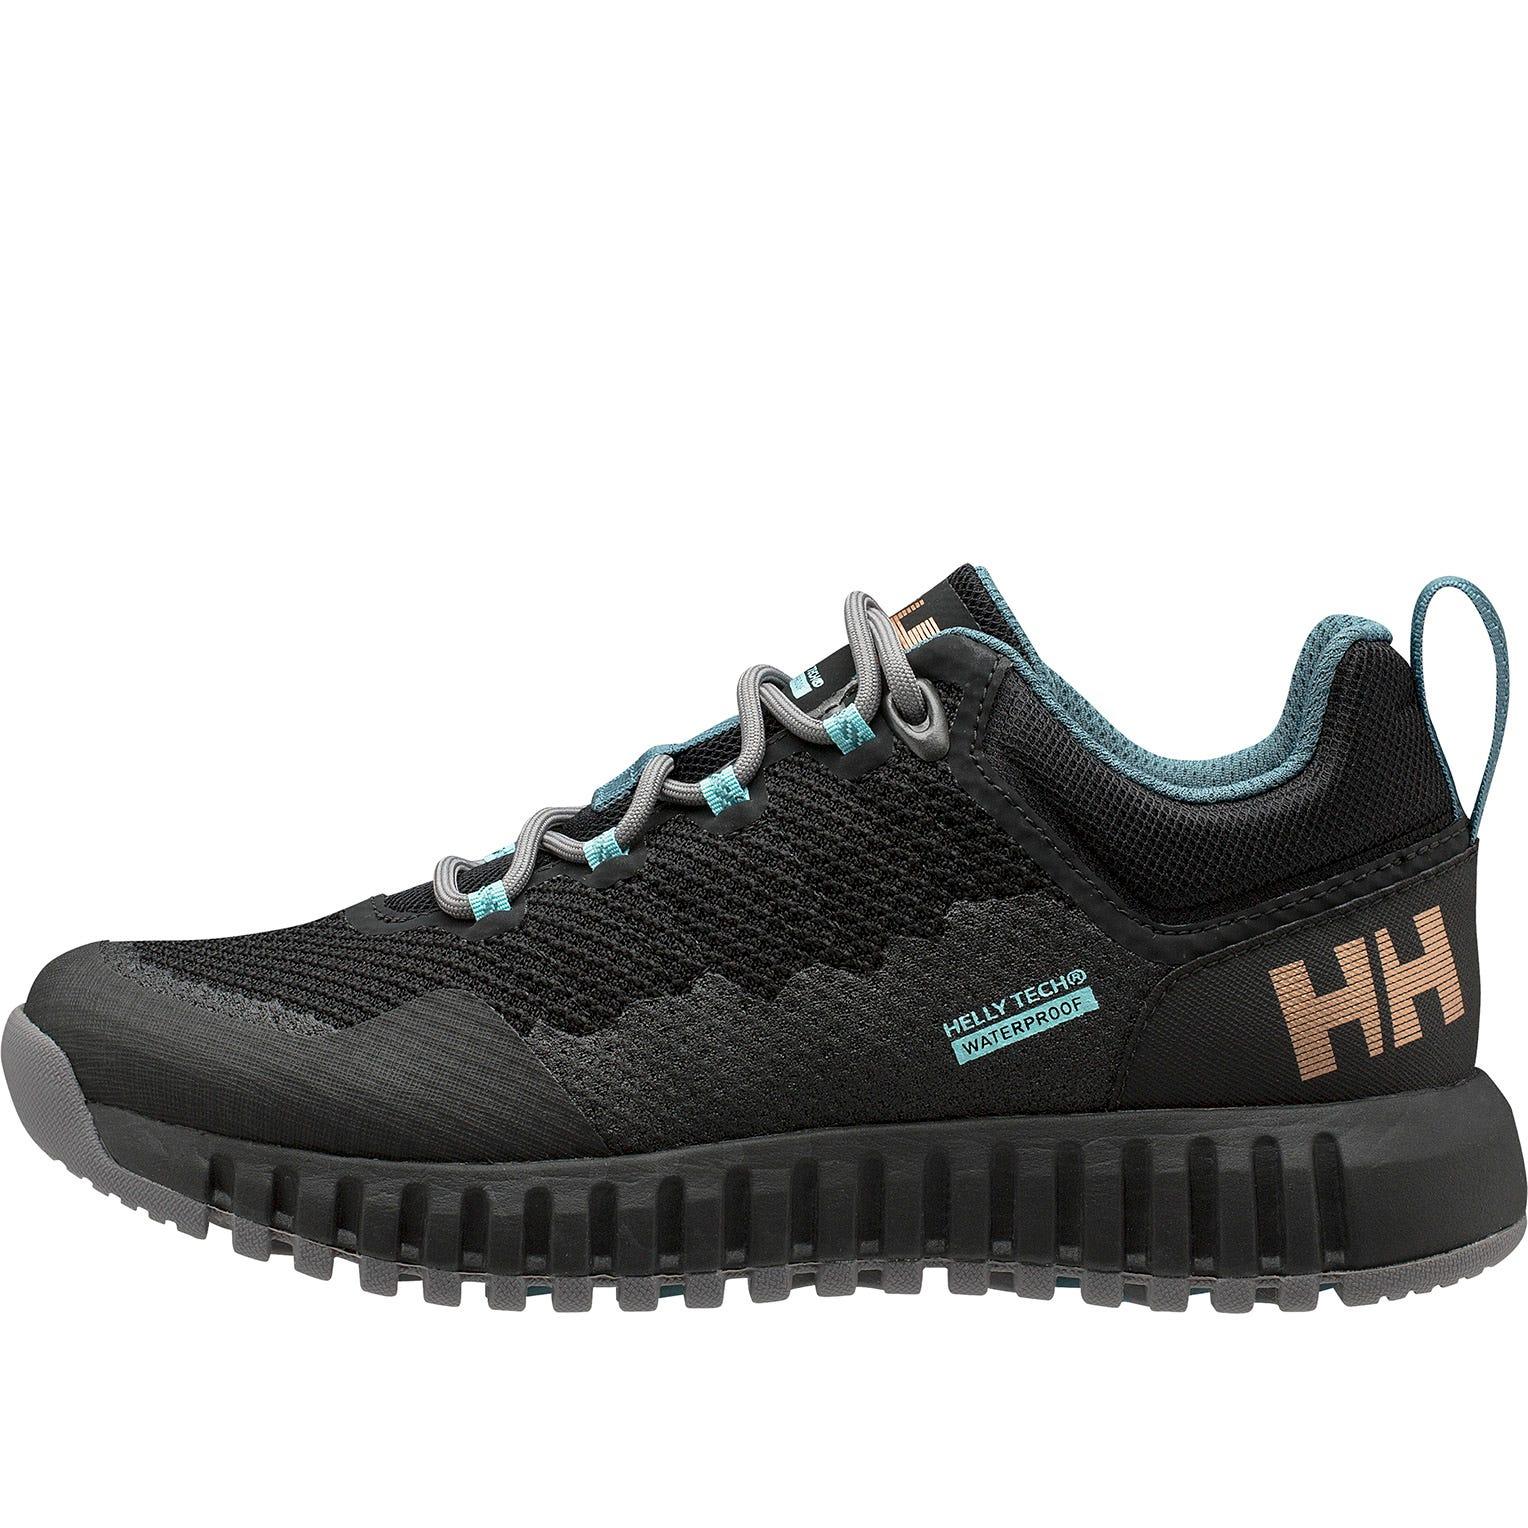 Helly Hansen W Vanir Hegira Ht Womens Hiking Boot Yellow 40.5/9